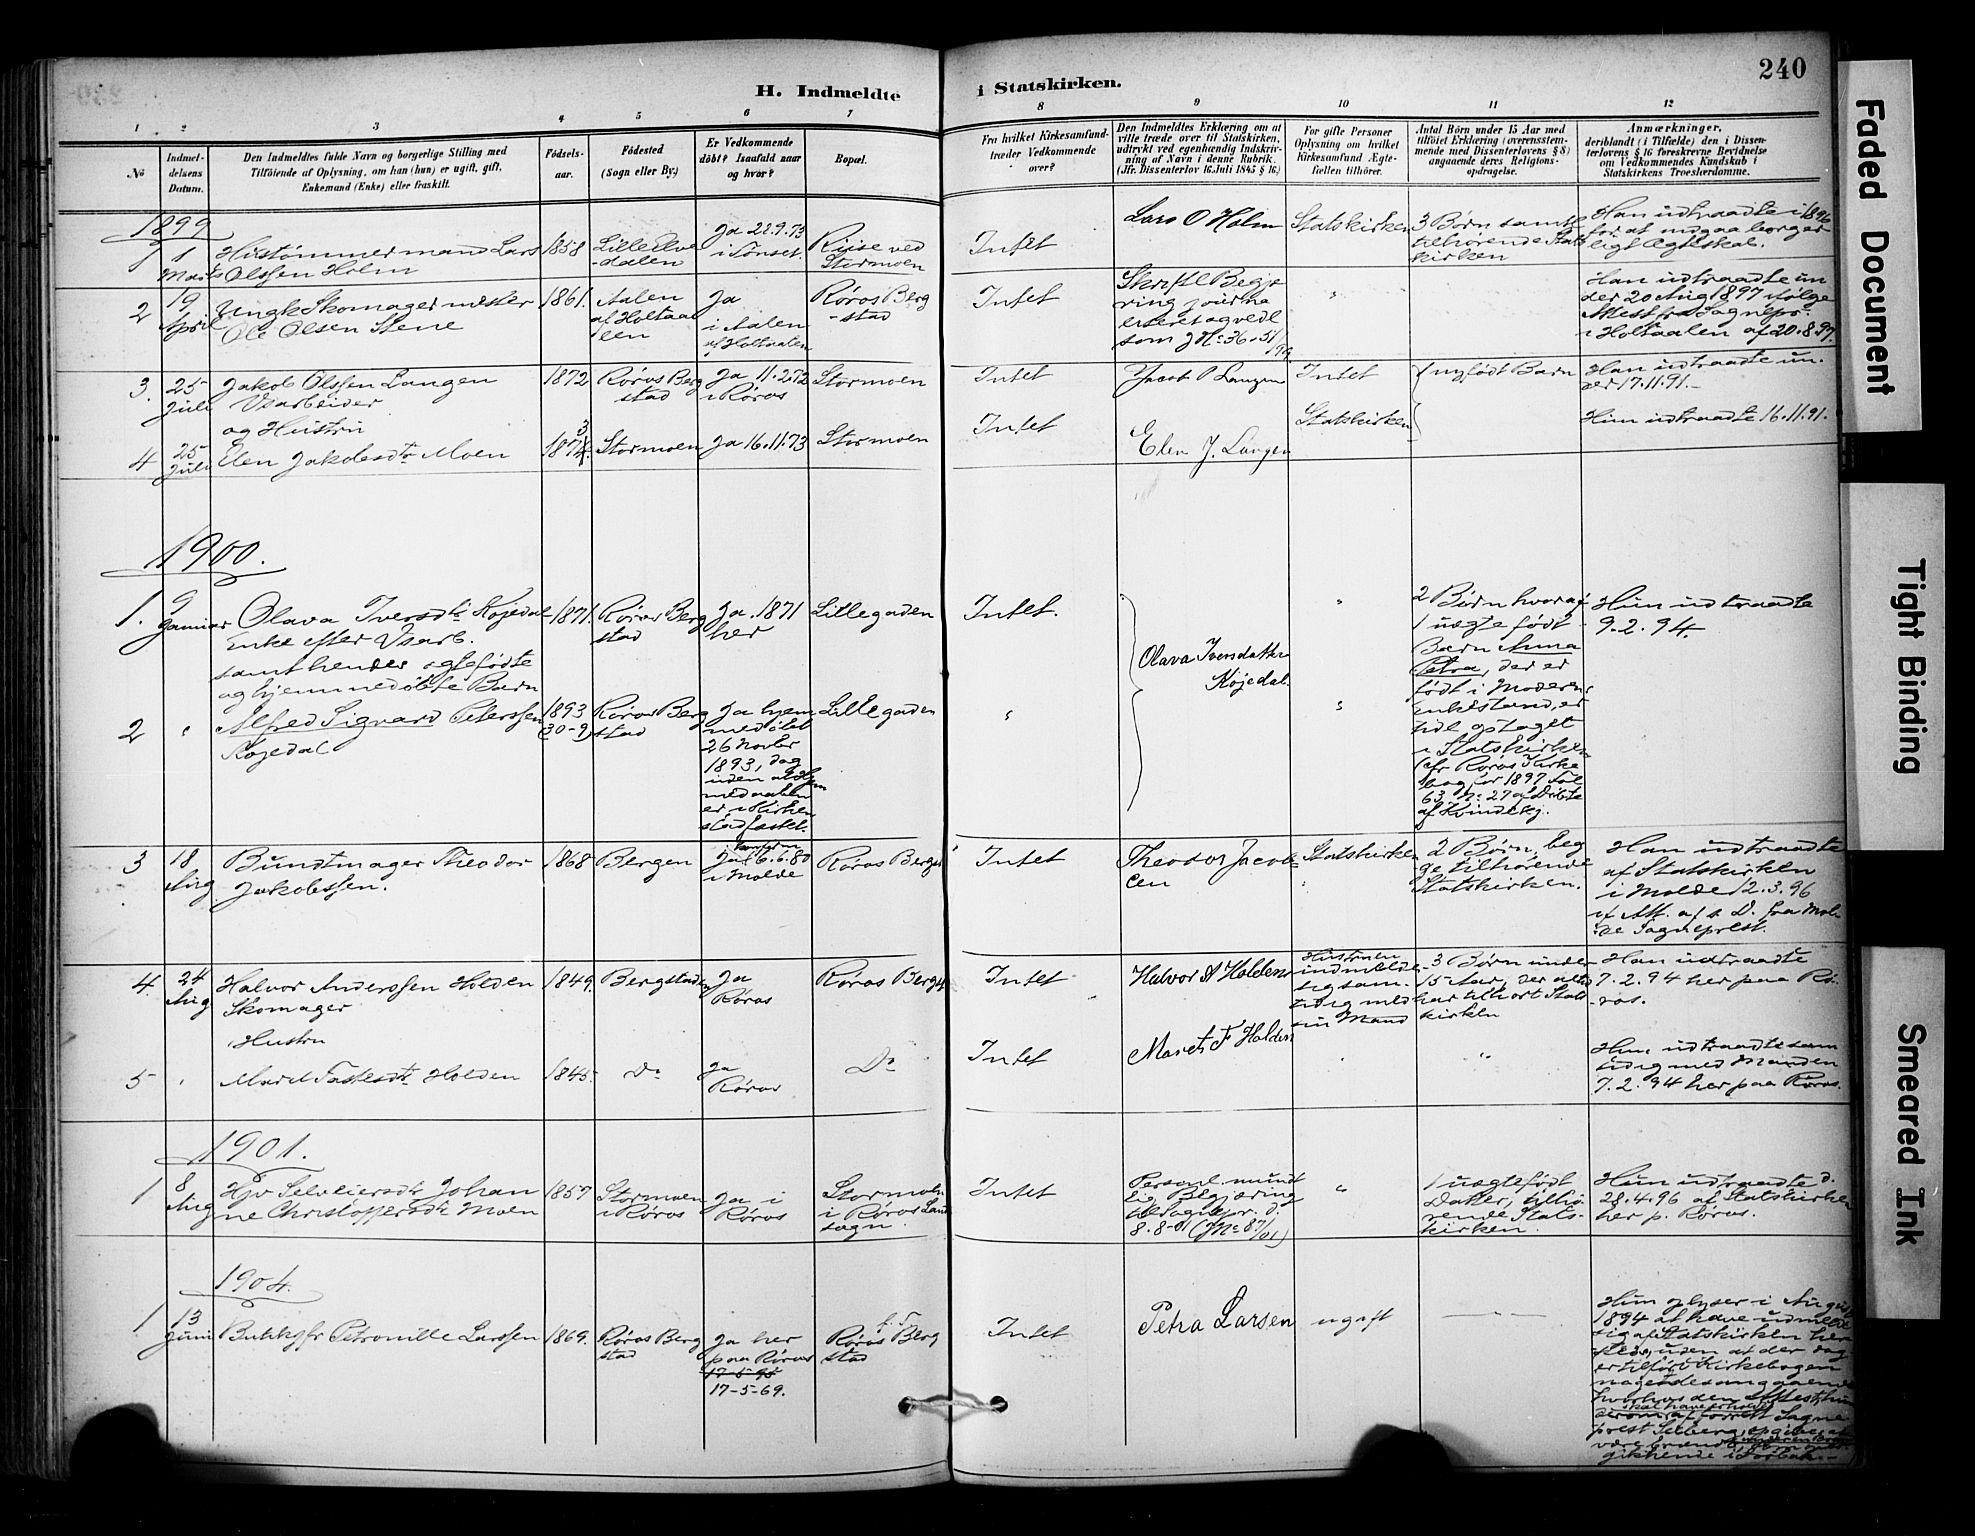 SAT, Ministerialprotokoller, klokkerbøker og fødselsregistre - Sør-Trøndelag, 681/L0936: Ministerialbok nr. 681A14, 1899-1908, s. 240